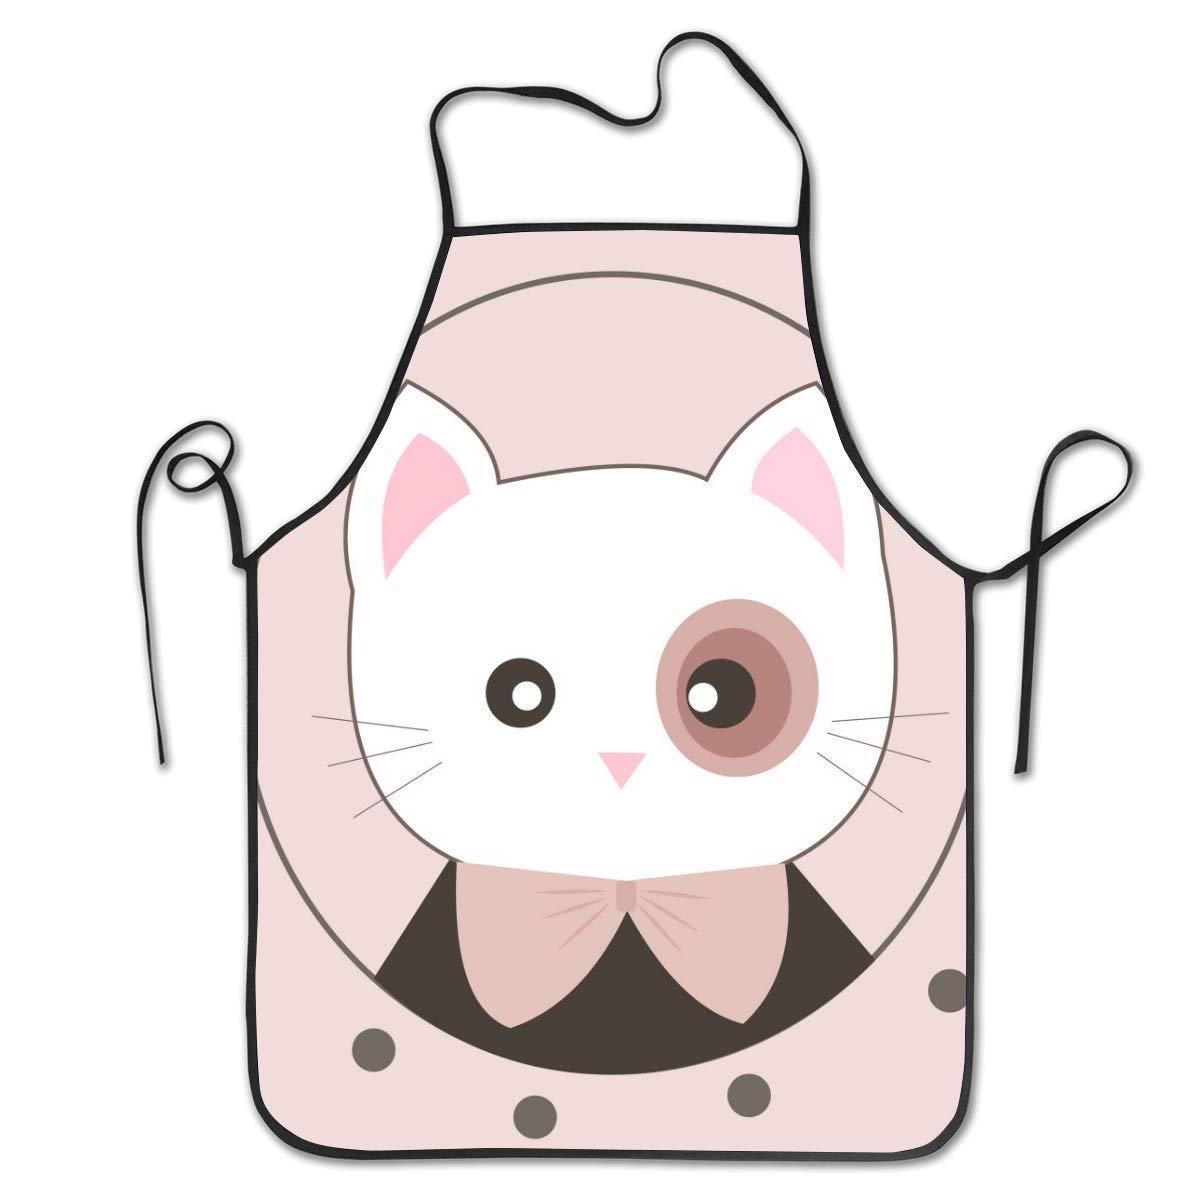 Elsaone Delantal para Hornear Gato de Dibujos Animados: Delantal ...